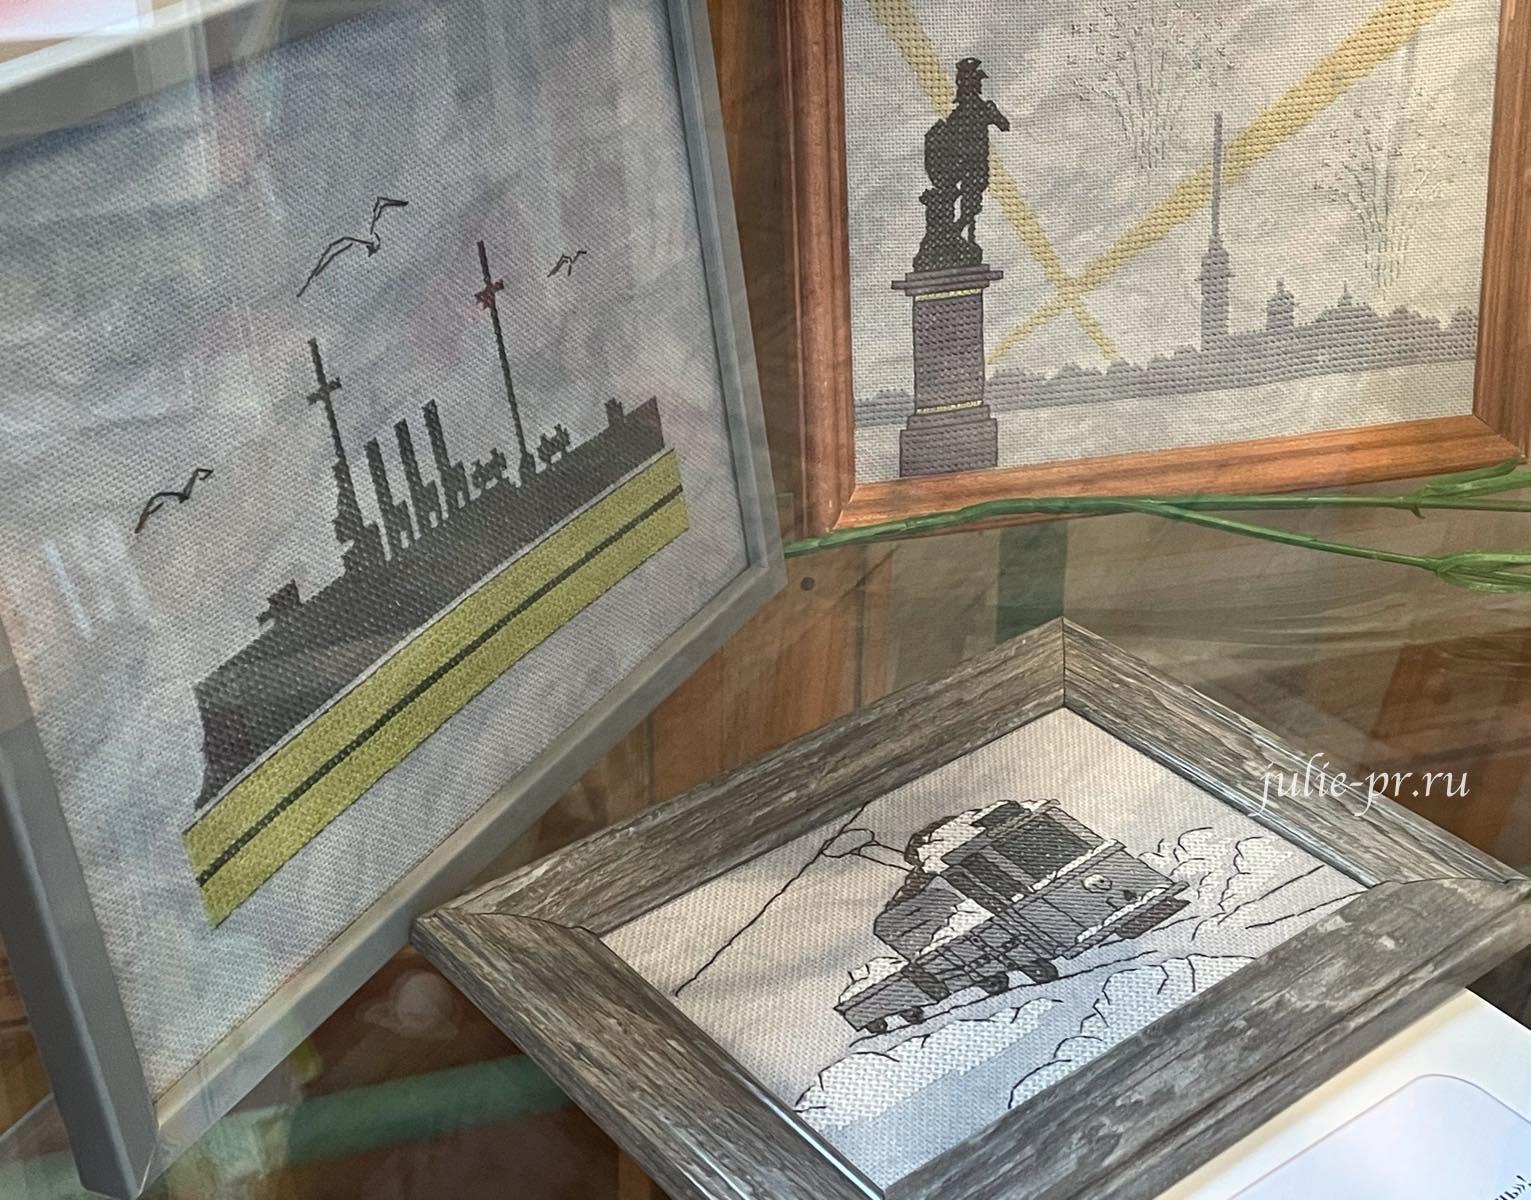 вышивка крестом, Санкт-Петербург, блокада, Ленинград, выставка С любовью вышивая Петербург, детская библиотека имени Пушкина